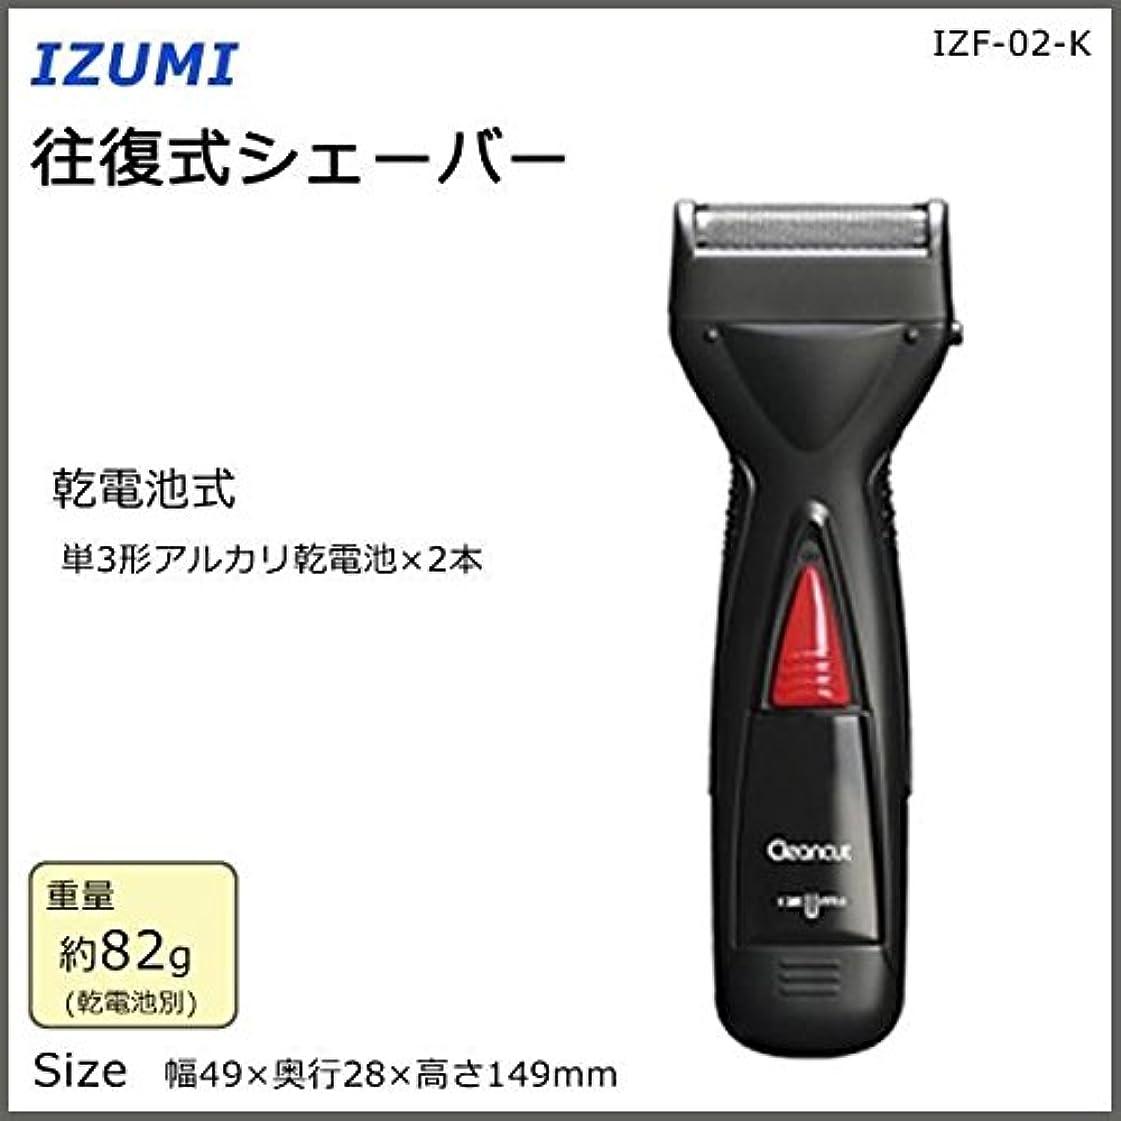 授業料薄める値するIZUMI 往復式シェーバー IZF-02-K